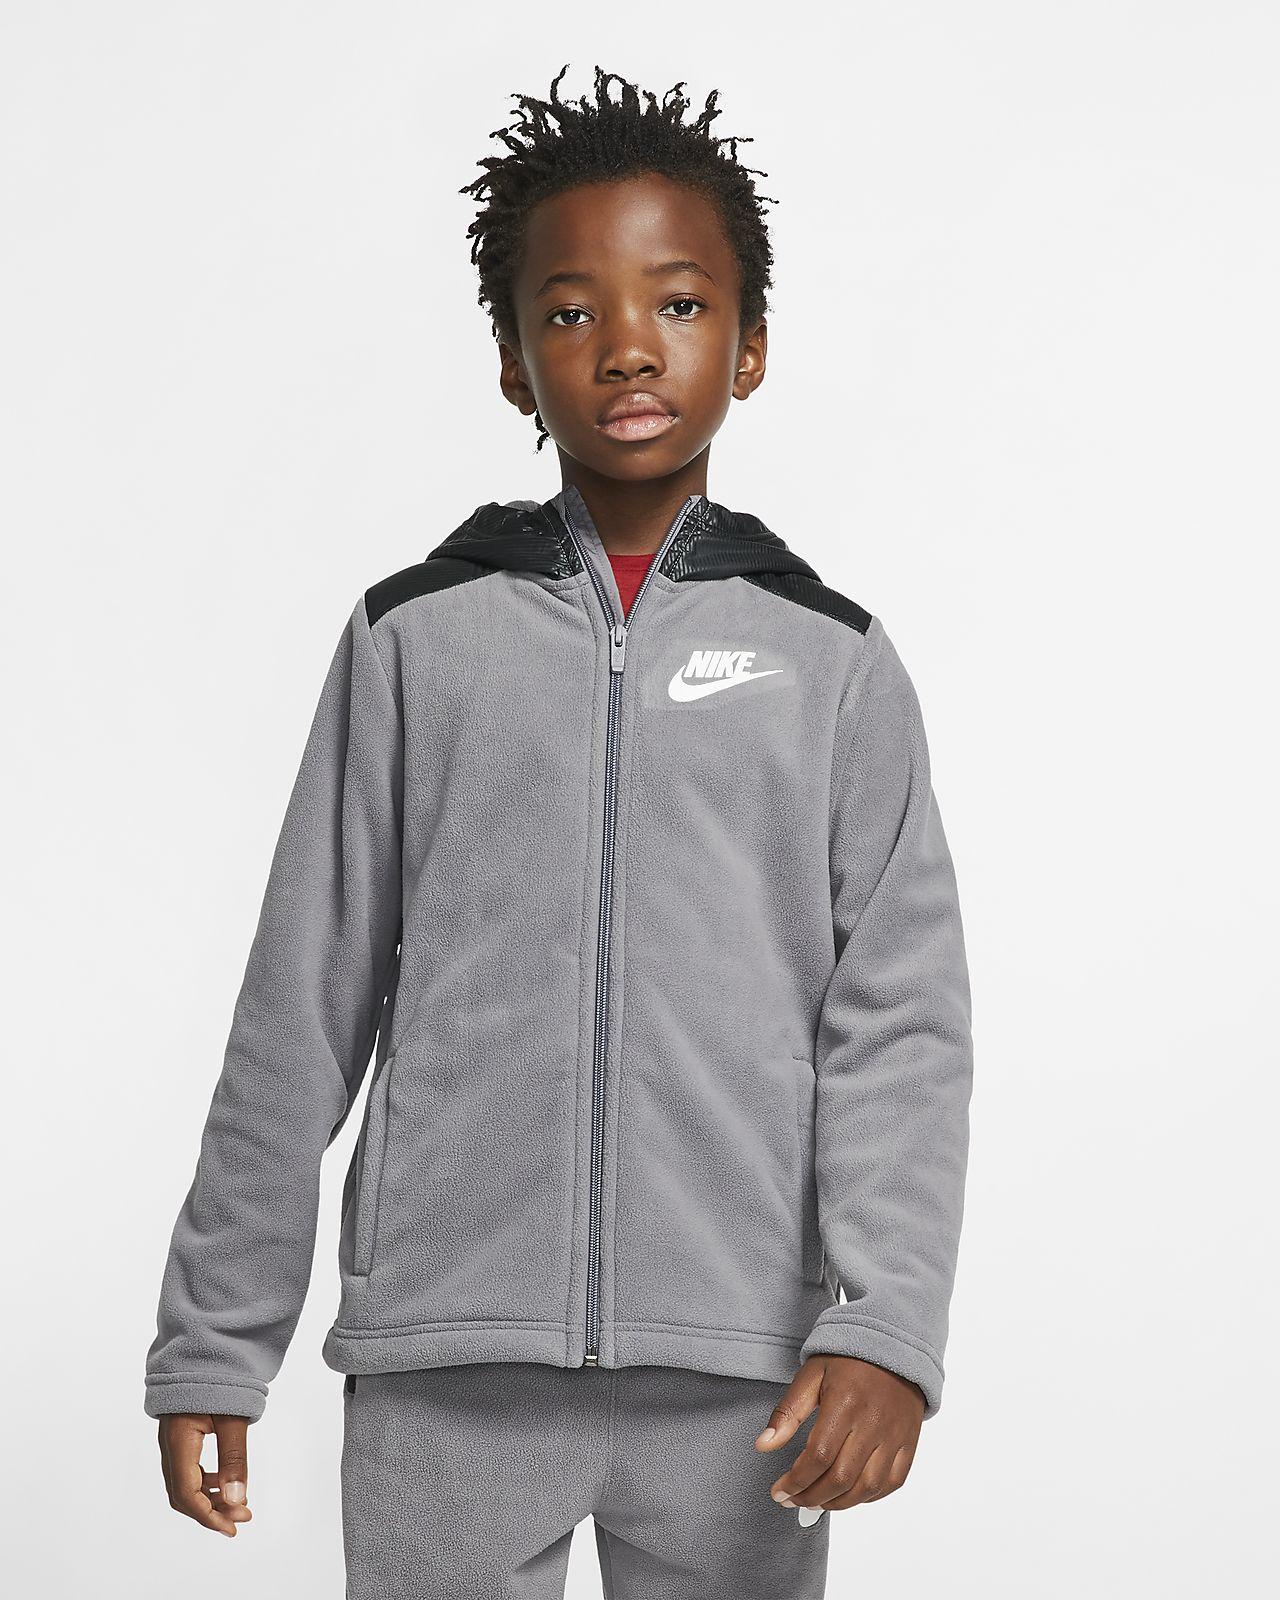 Nike Sportswear Winterized Older Kids' (Boys') Full-Zip Hoodie